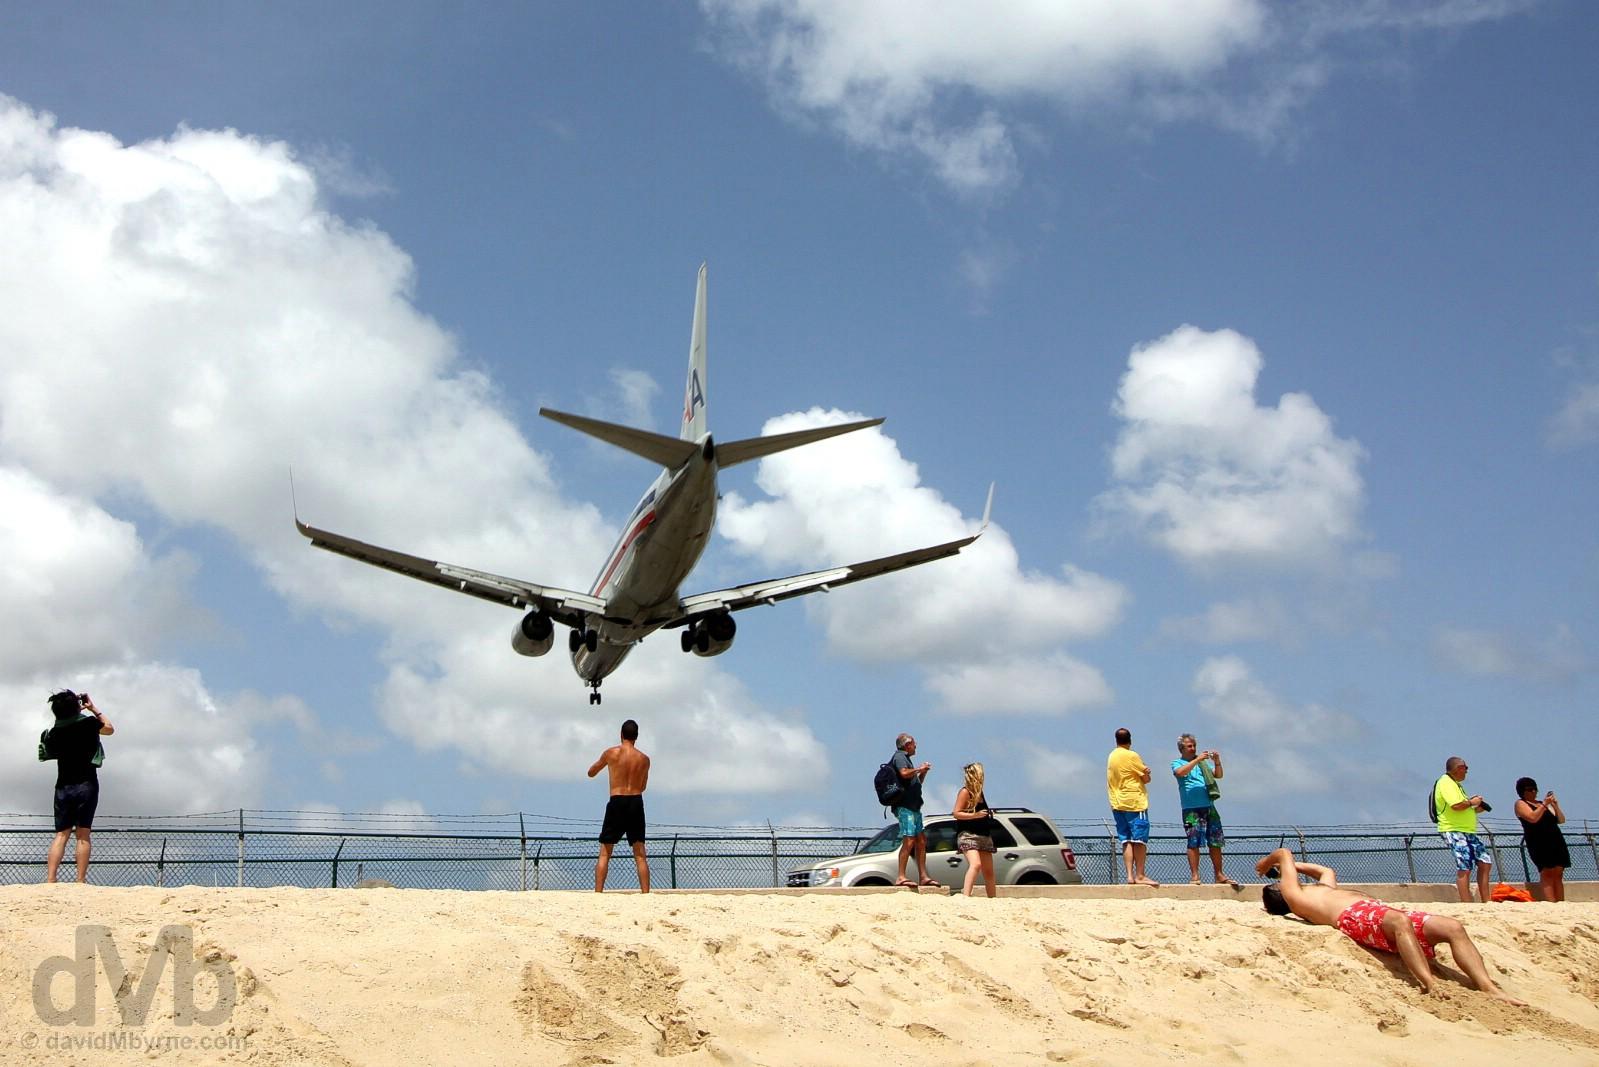 An approach to Juliana Airport over the sands of Maho Beach, Sint Maarten, Lesser Antilles. June 8, 2015.